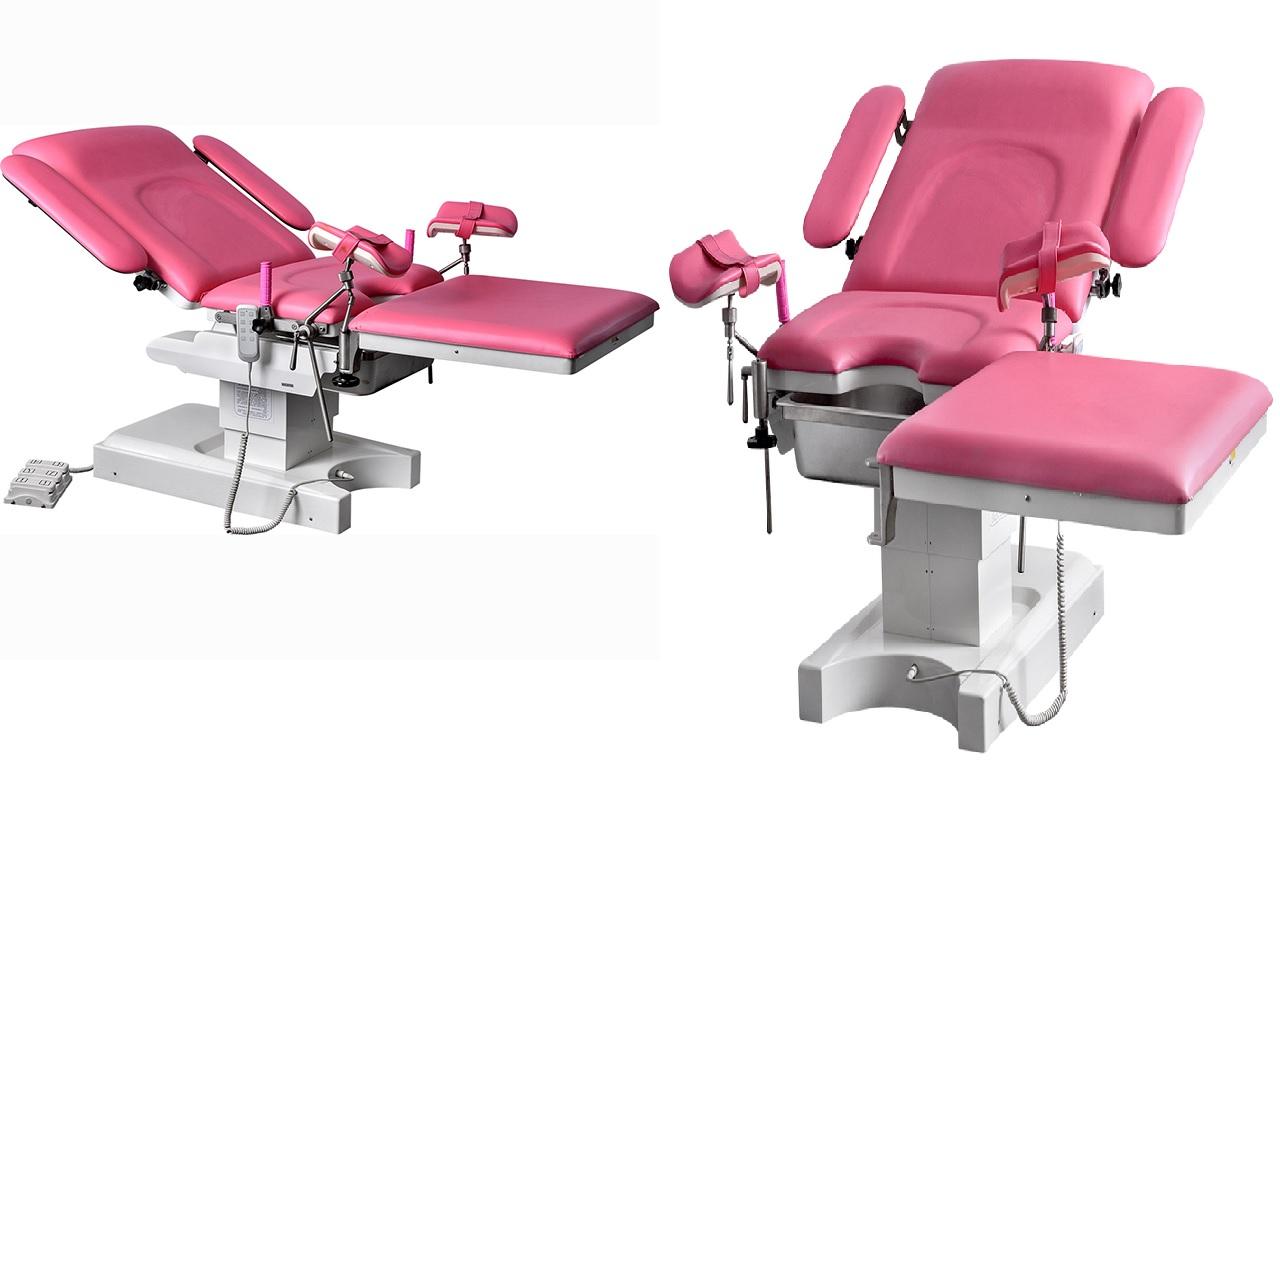 Bàn khám; Bàn sanh; Bàn phẫu thuật sản phụ khoa đa chức năng bằng điện thuỷ lực